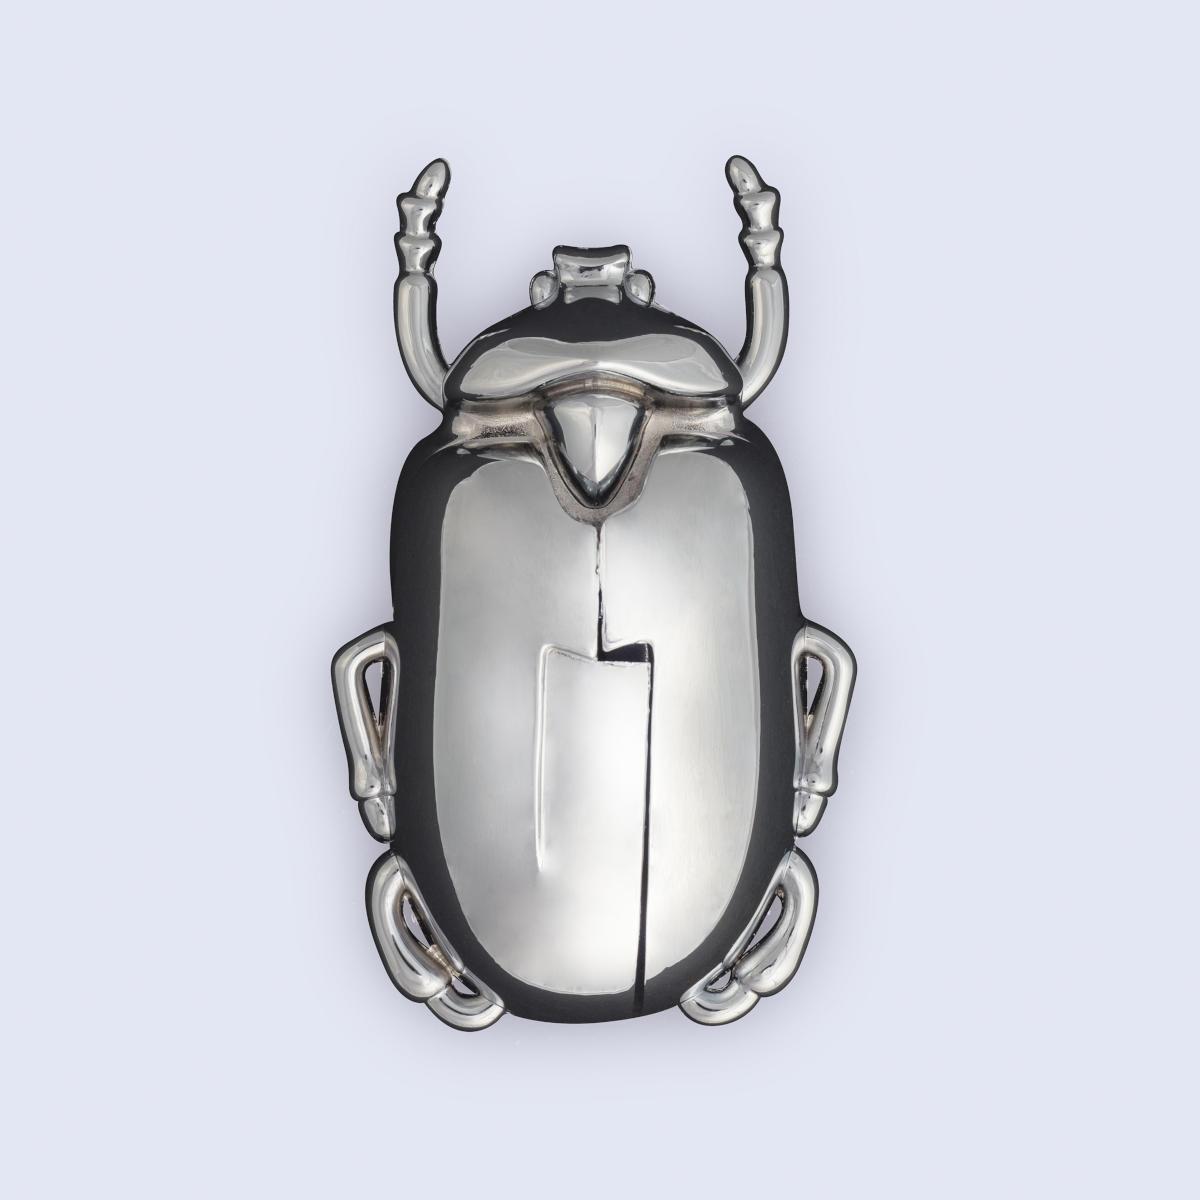 Insectum Vinöppnare - Silver